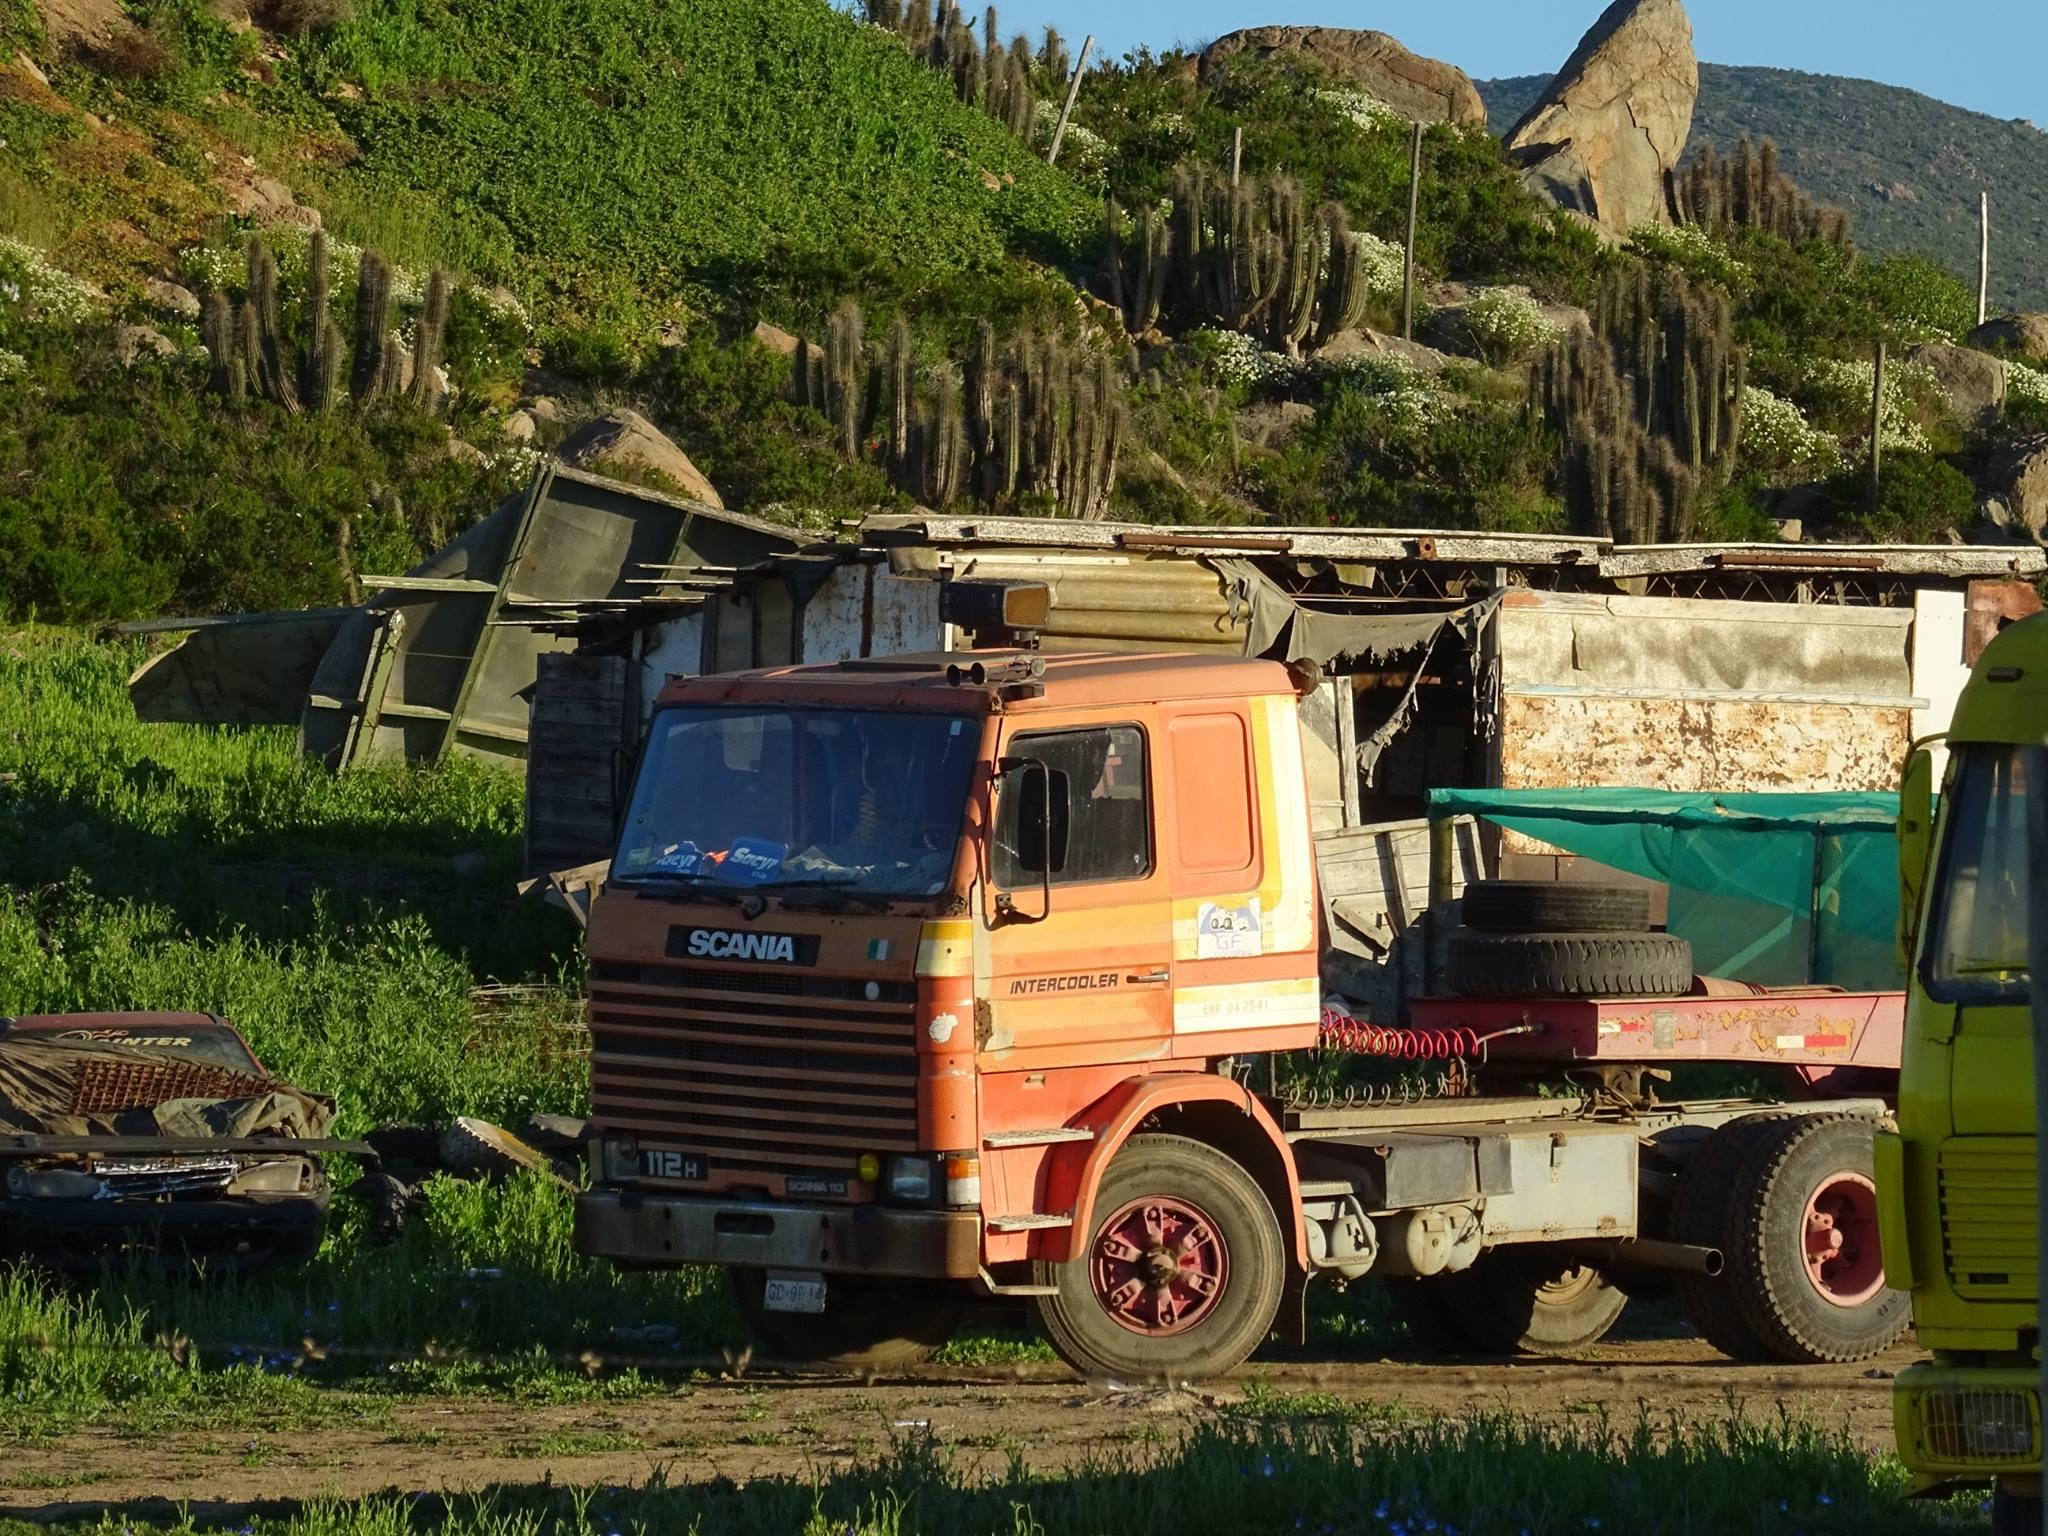 Camiones-vieja-escuela-olvidados-39